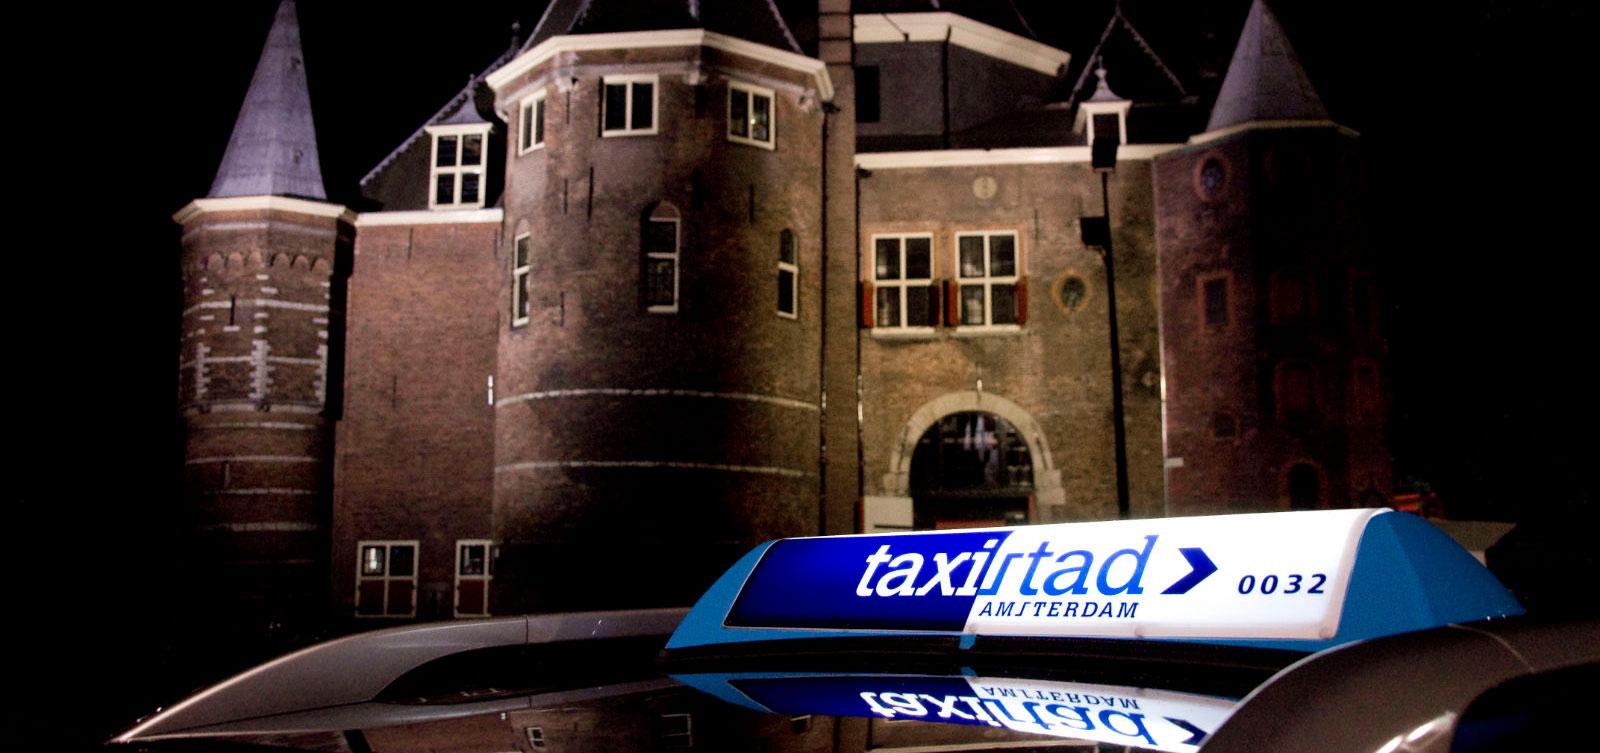 Taxistad-daklicht-nieuwmarkt